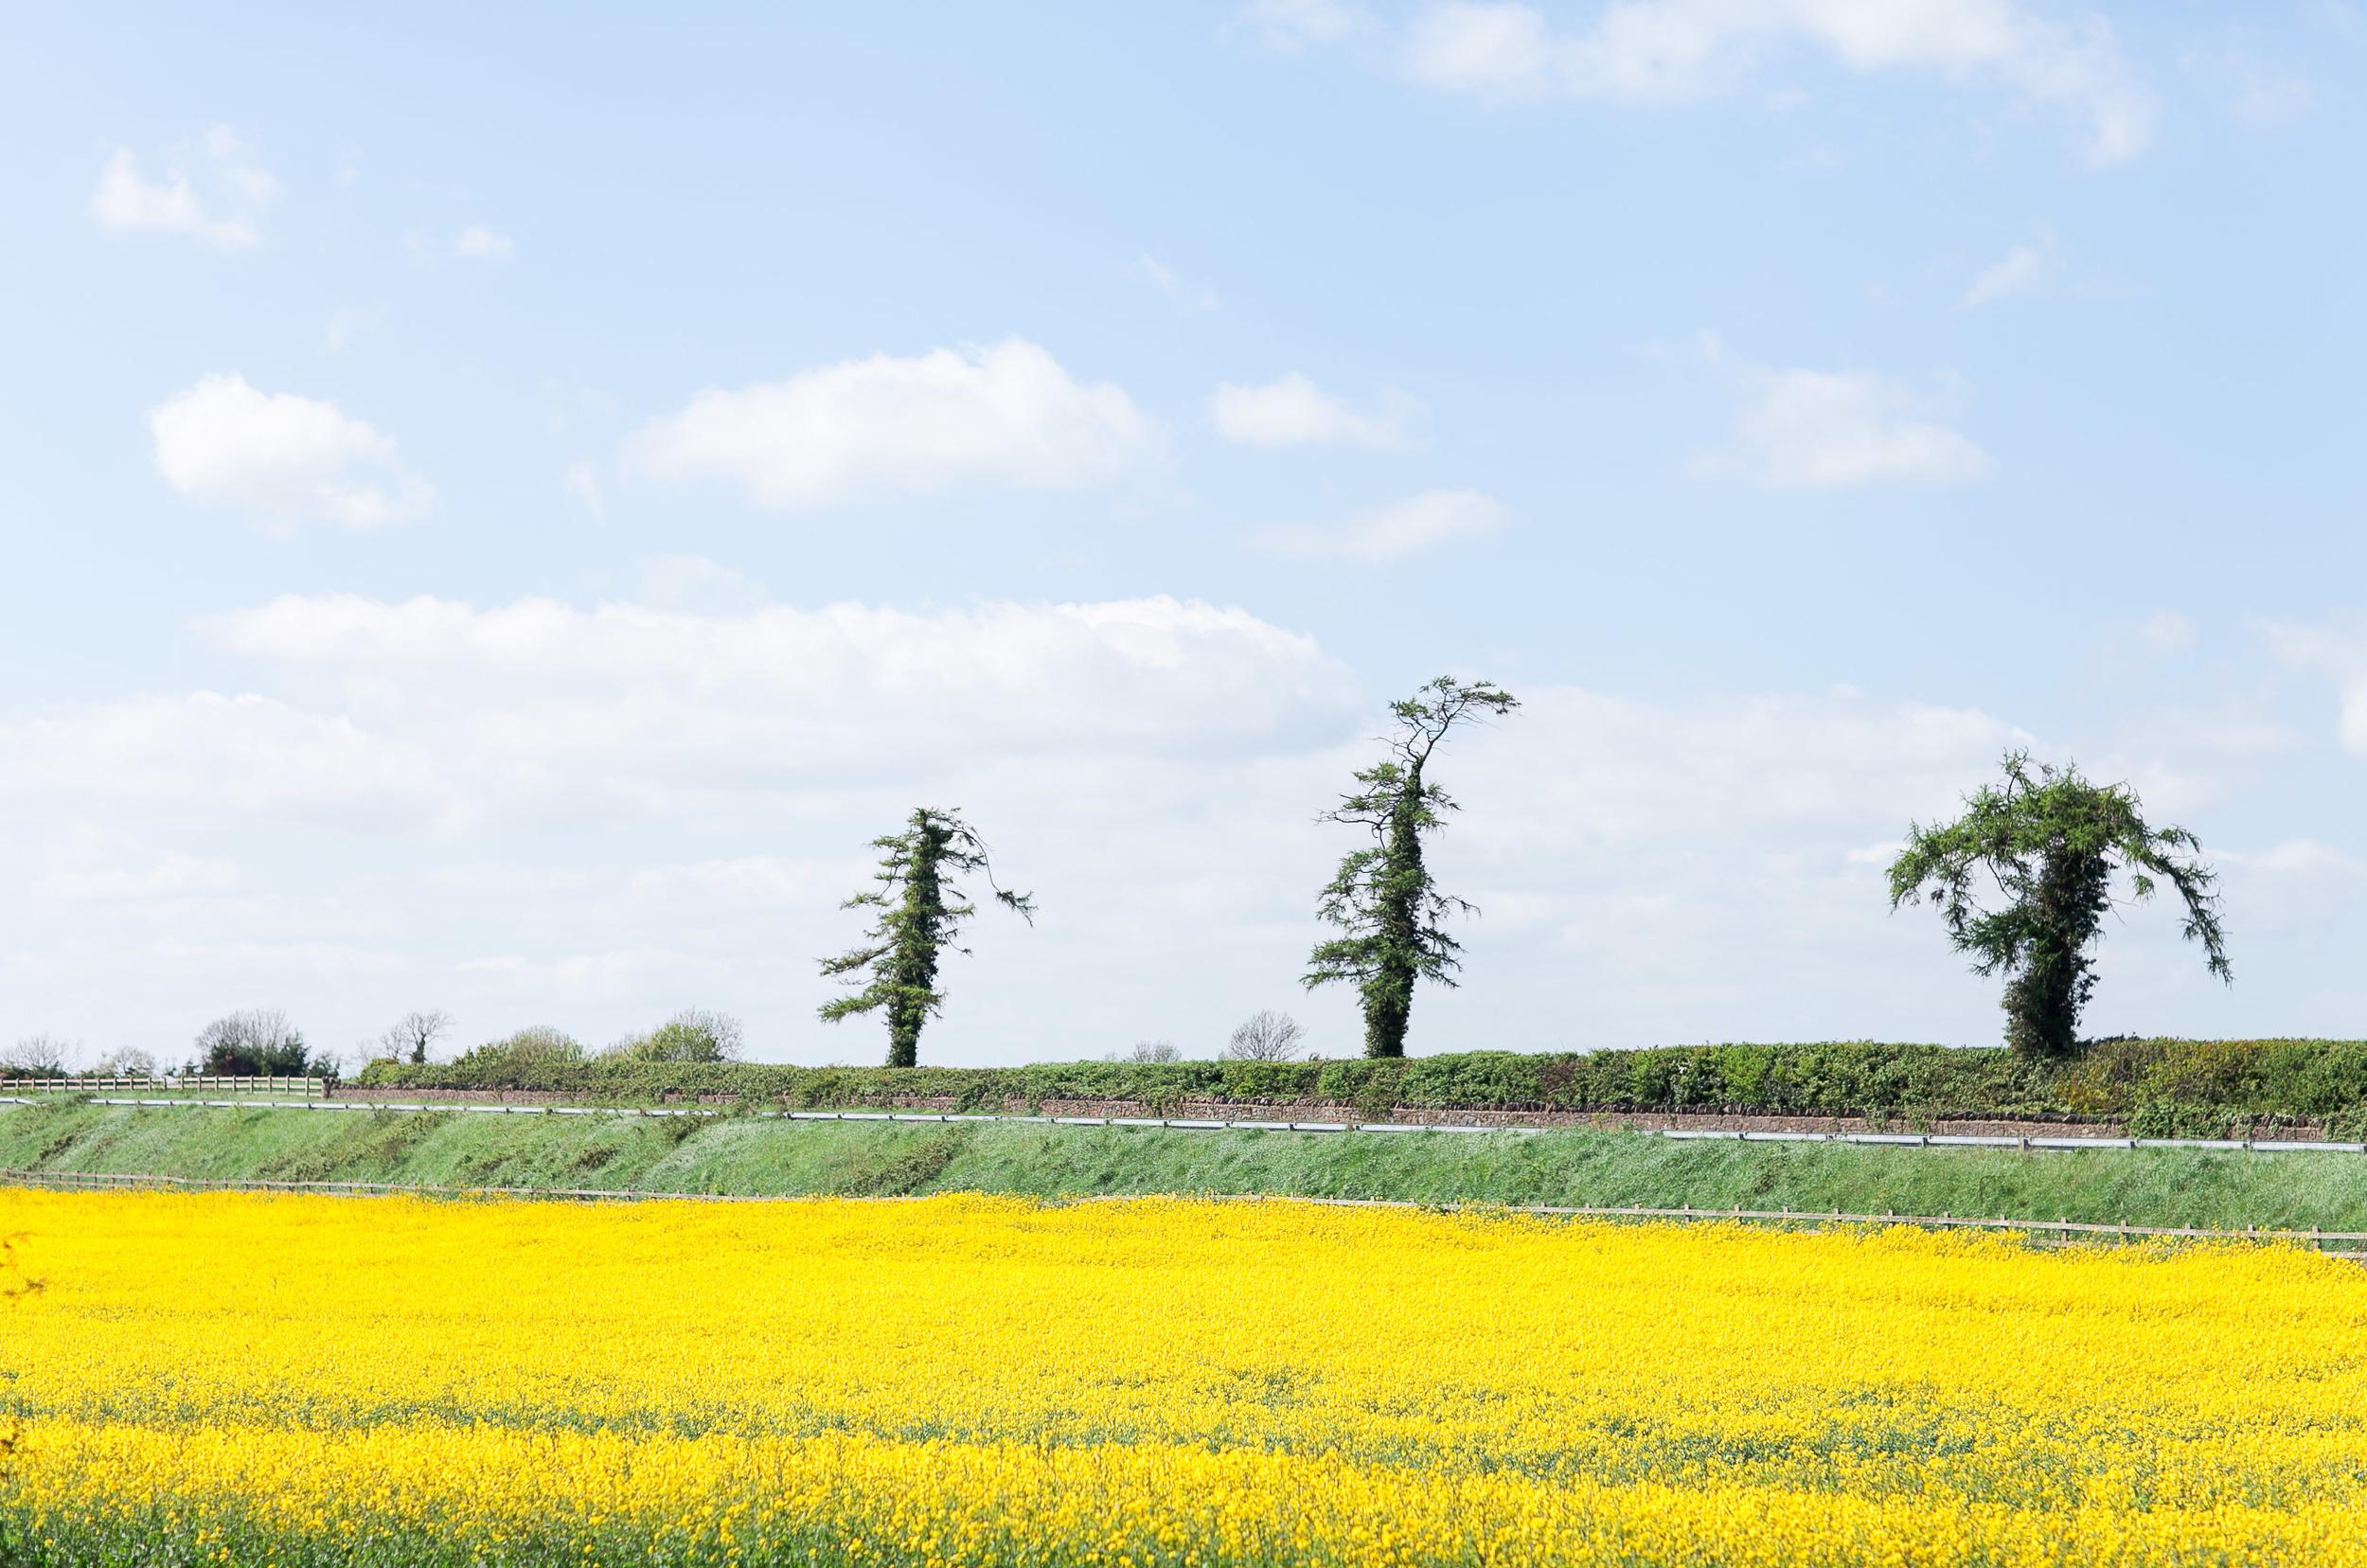 Yellow field in Meath, Ireland